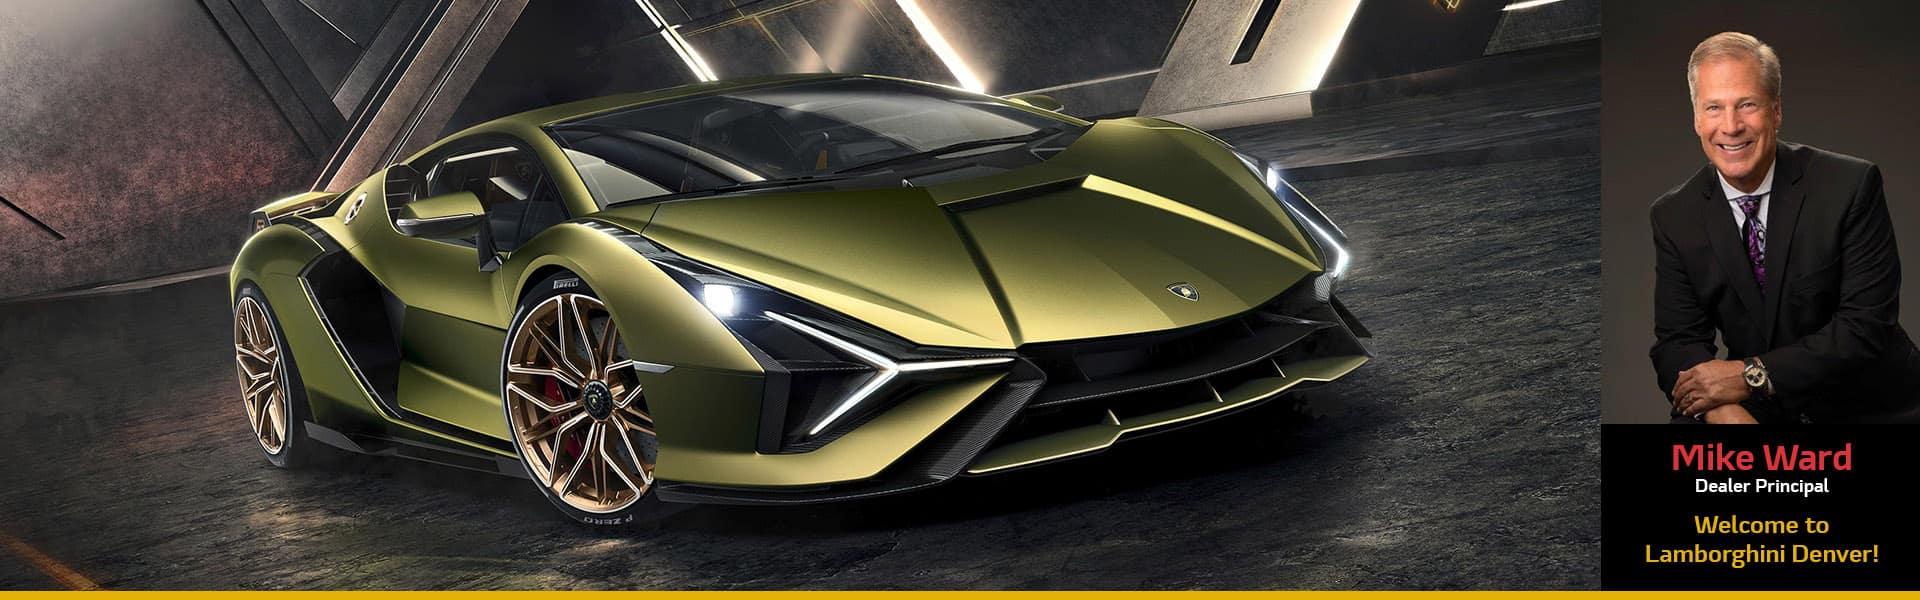 Welcome to Lamborghini Denver!